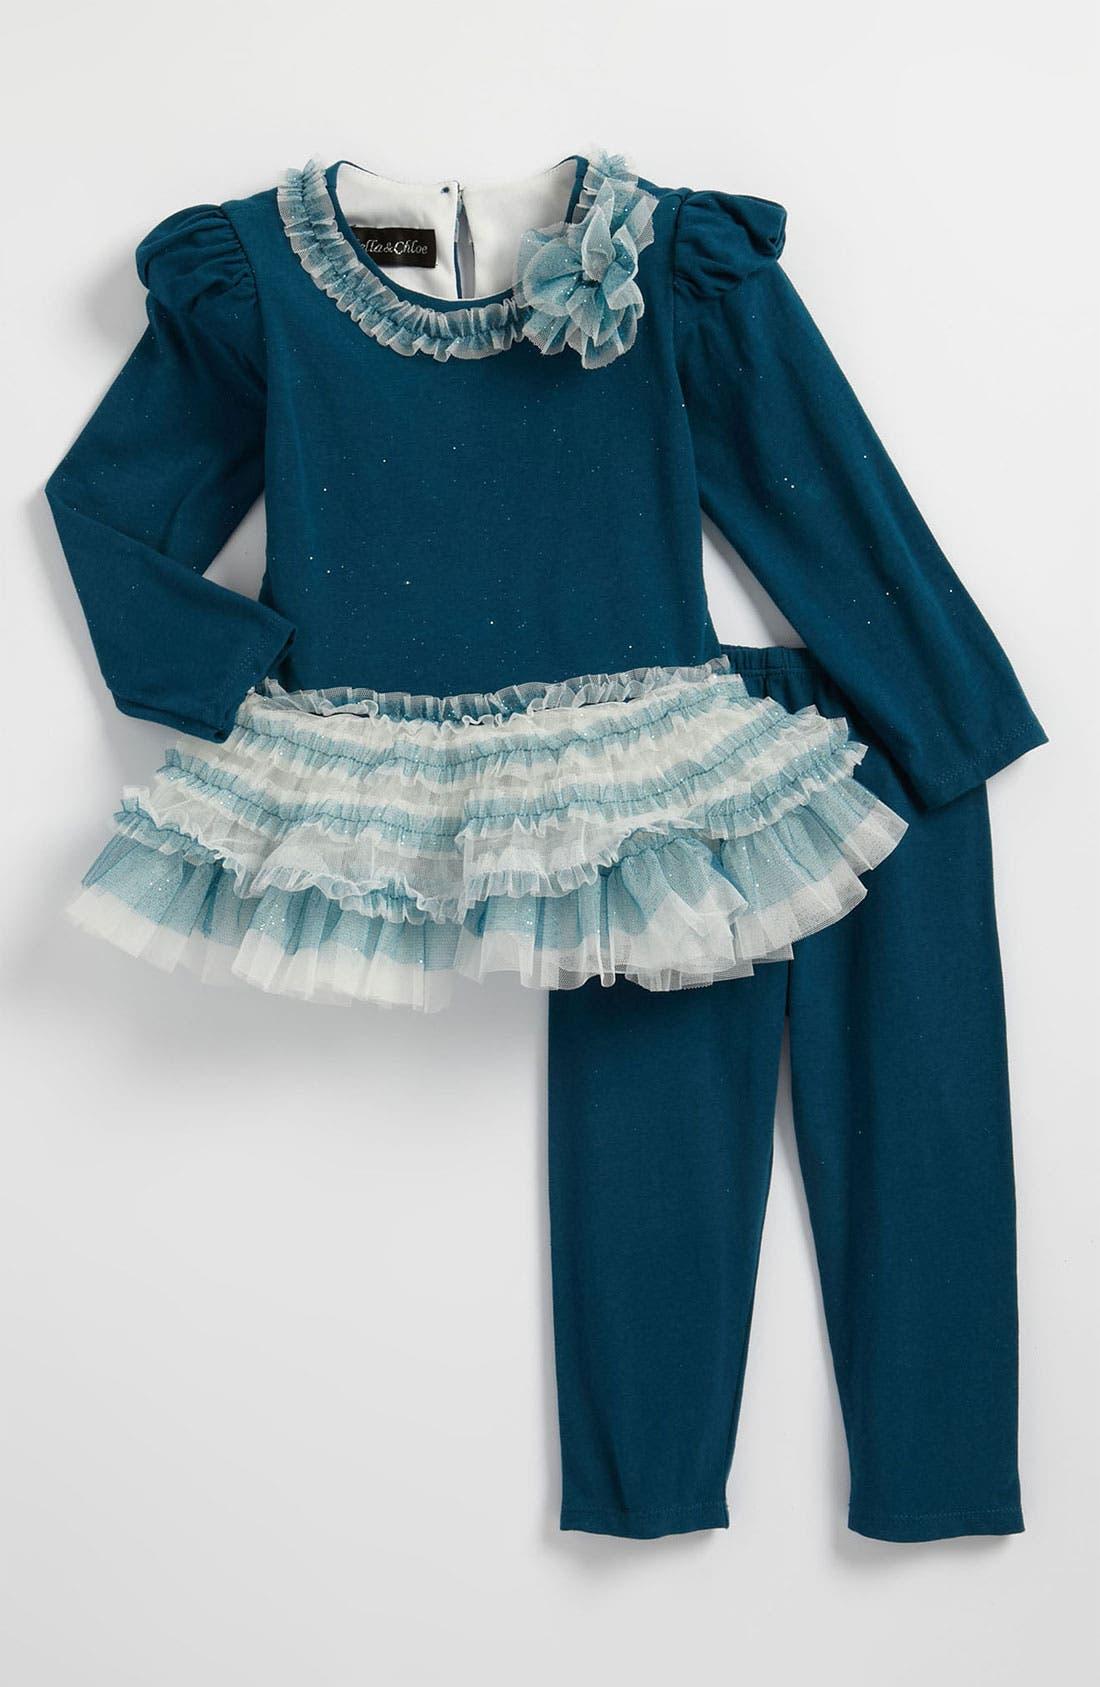 Main Image - Isobella & Chloe Tutu Dress & Leggings (Toddler)